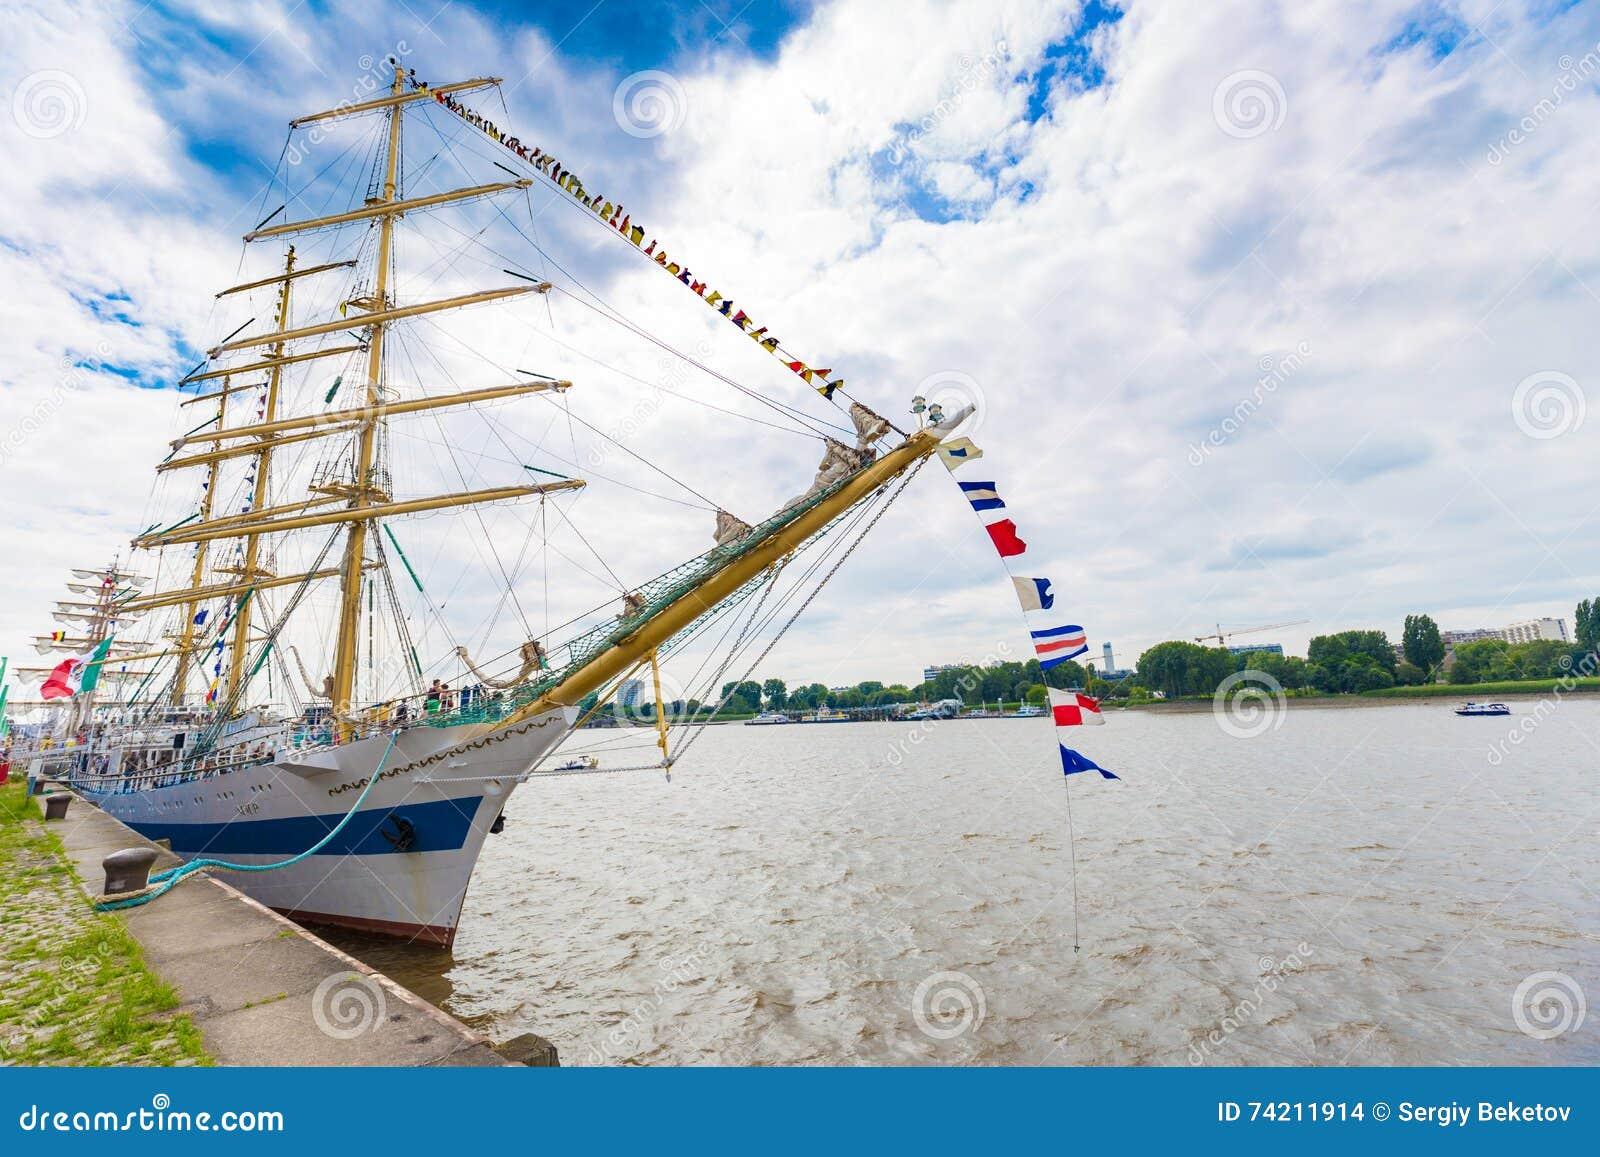 Rosyjski żeglowanie statek Mir widzieć w Antwerp podczas Wysokich statków Ściga się 2016 wydarzenie (pokój)